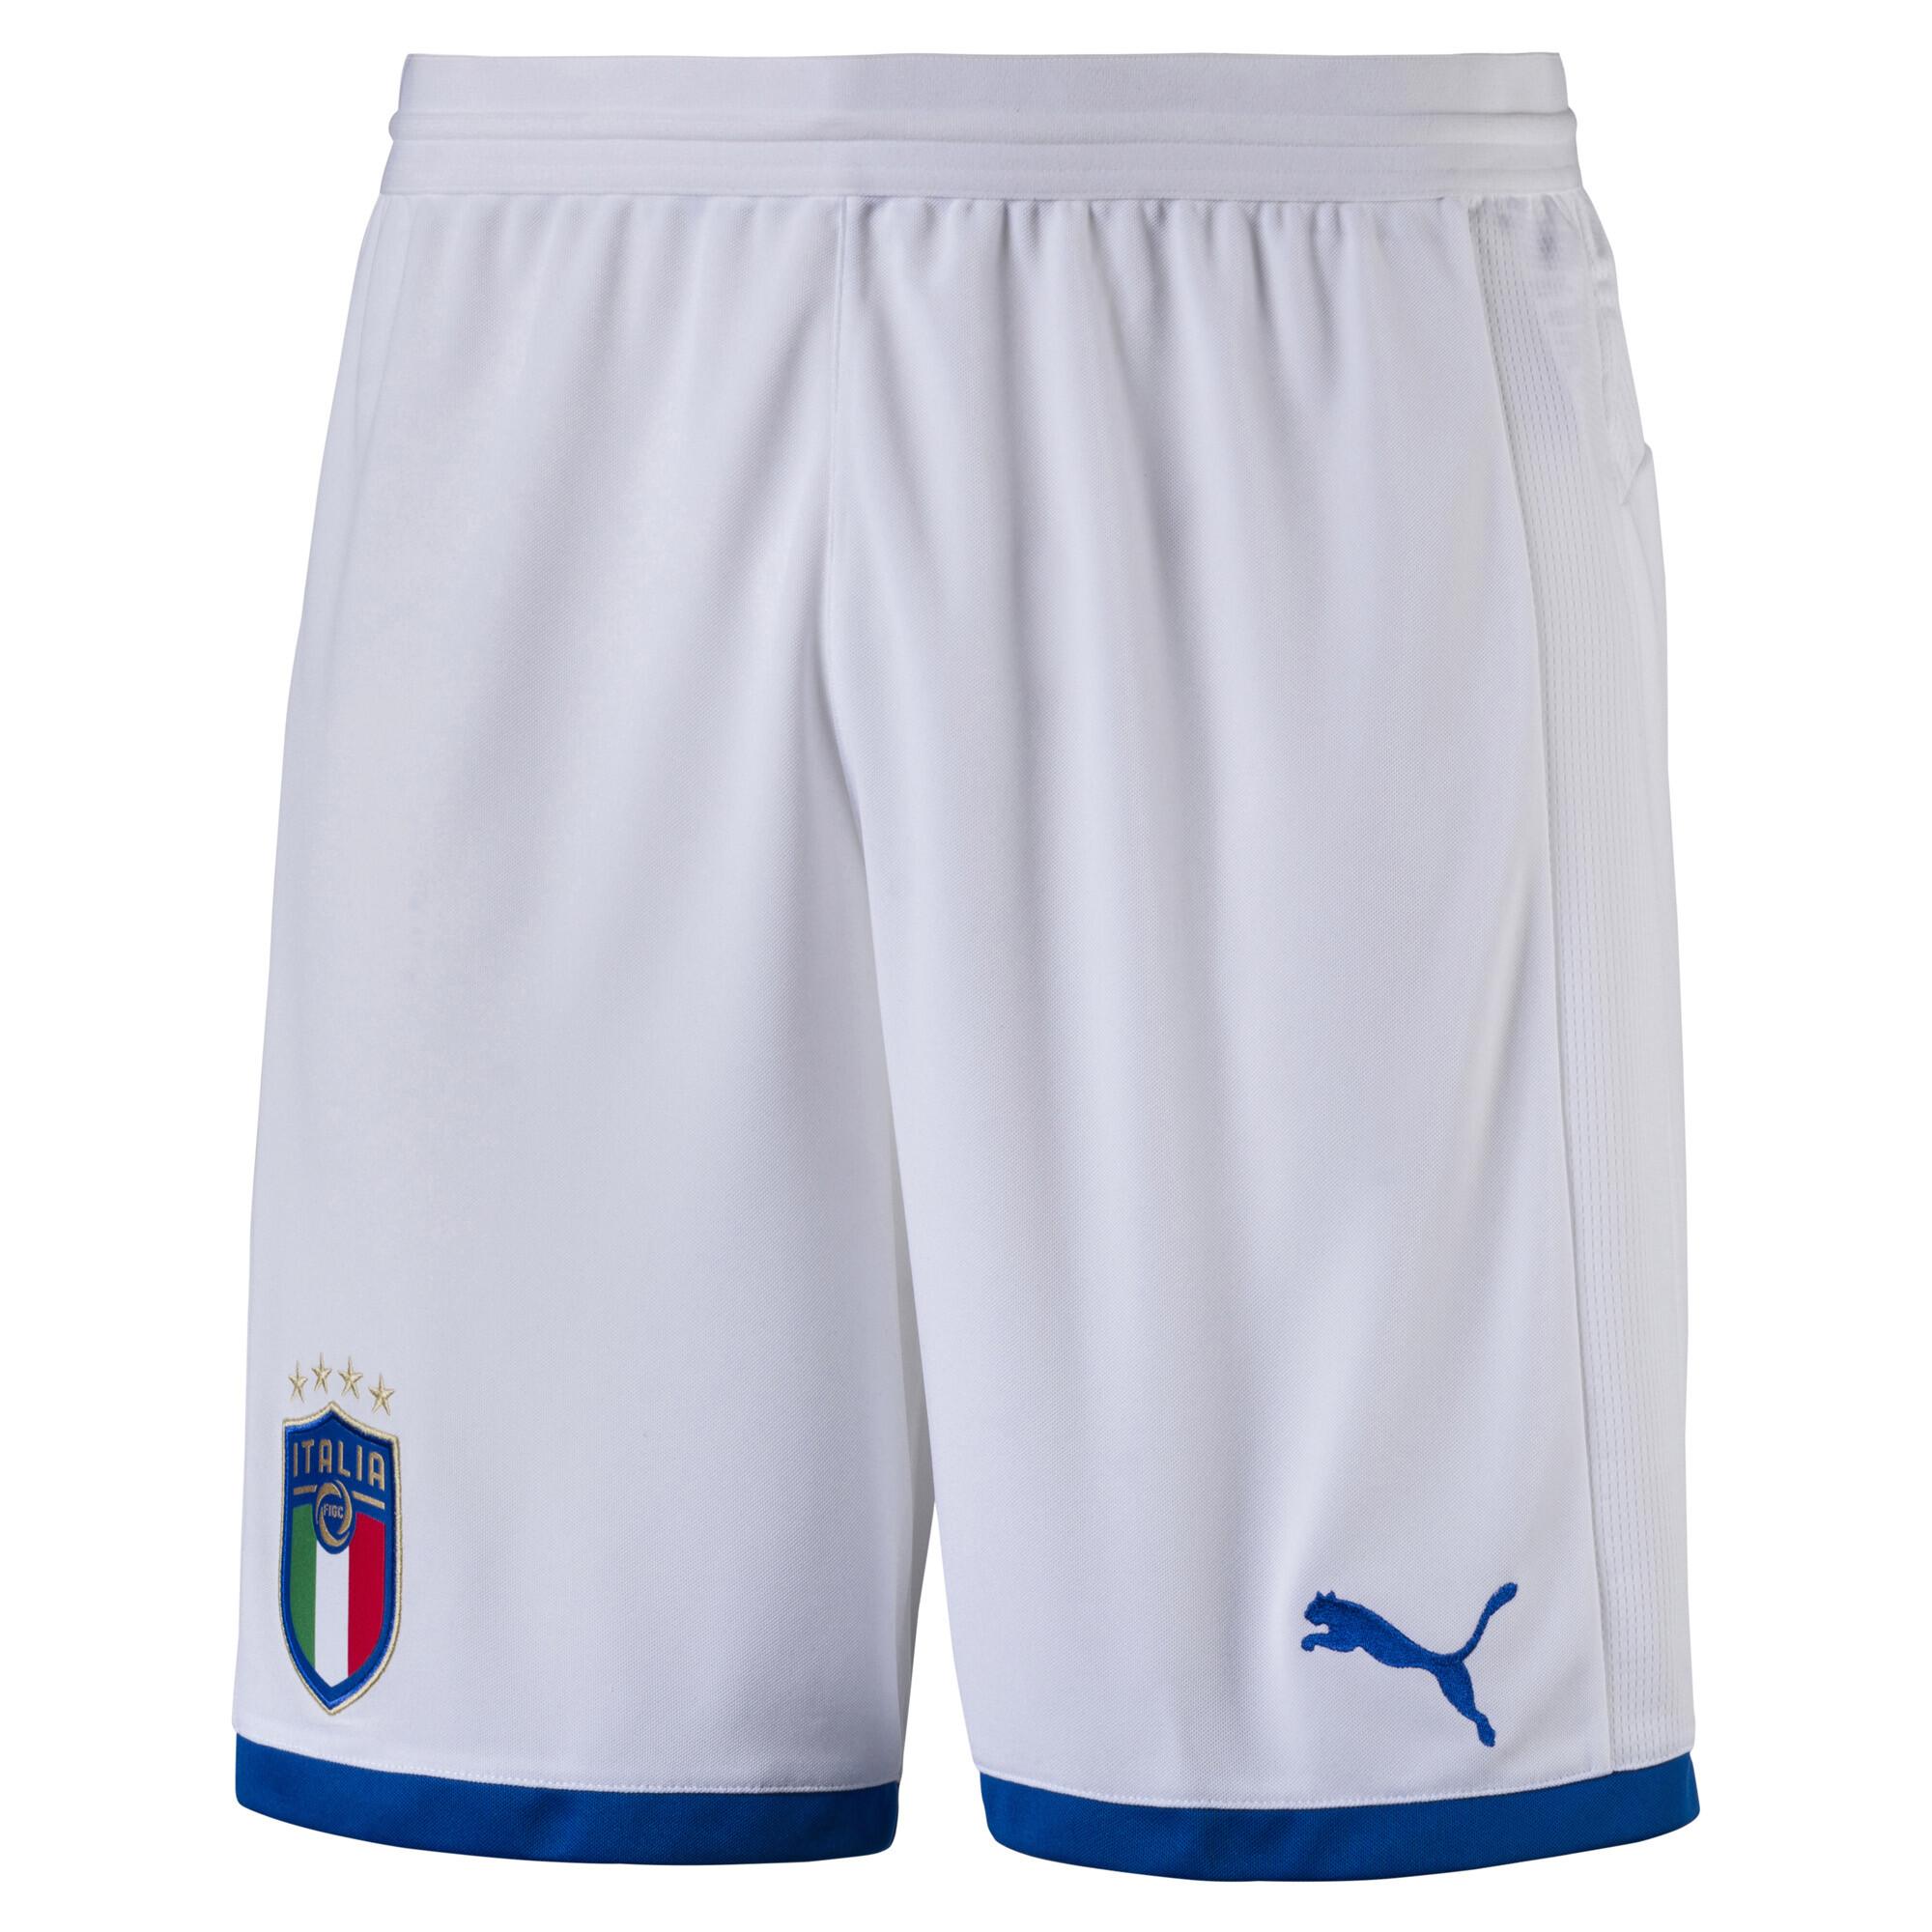 【プーマ公式通販】 プーマ FIGC ITALIA ショーツ レプリカ メンズ Puma White |PUMA.com